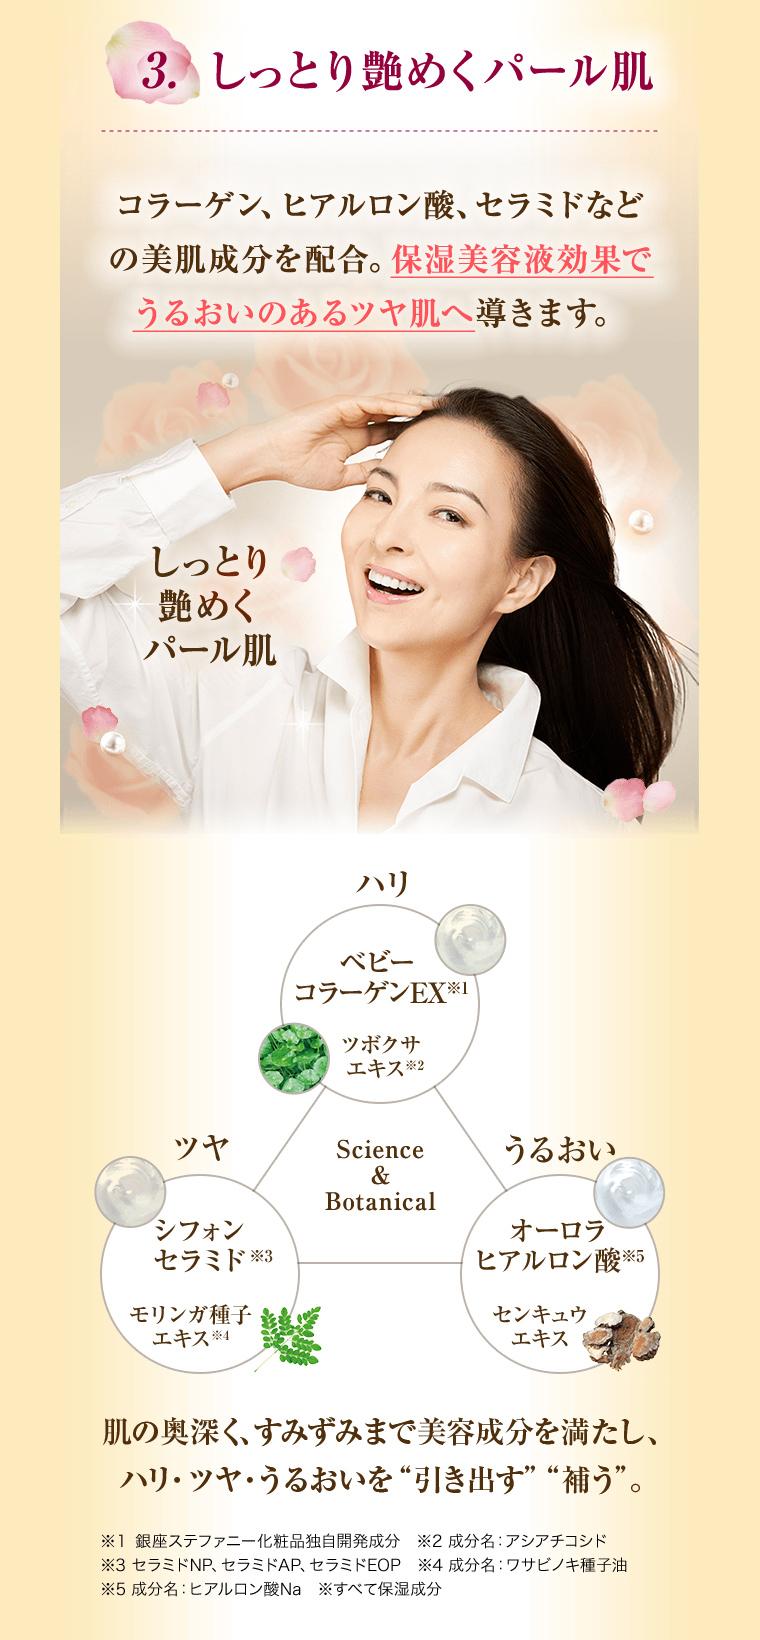 3.しっとり艶めくパール肌/コラーゲン、ヒアルロン酸、セラミドなどの美容成分を配合。保湿美容液効果でうるおいのあるツヤ肌へ導きます。/しっとり艶めくパール肌